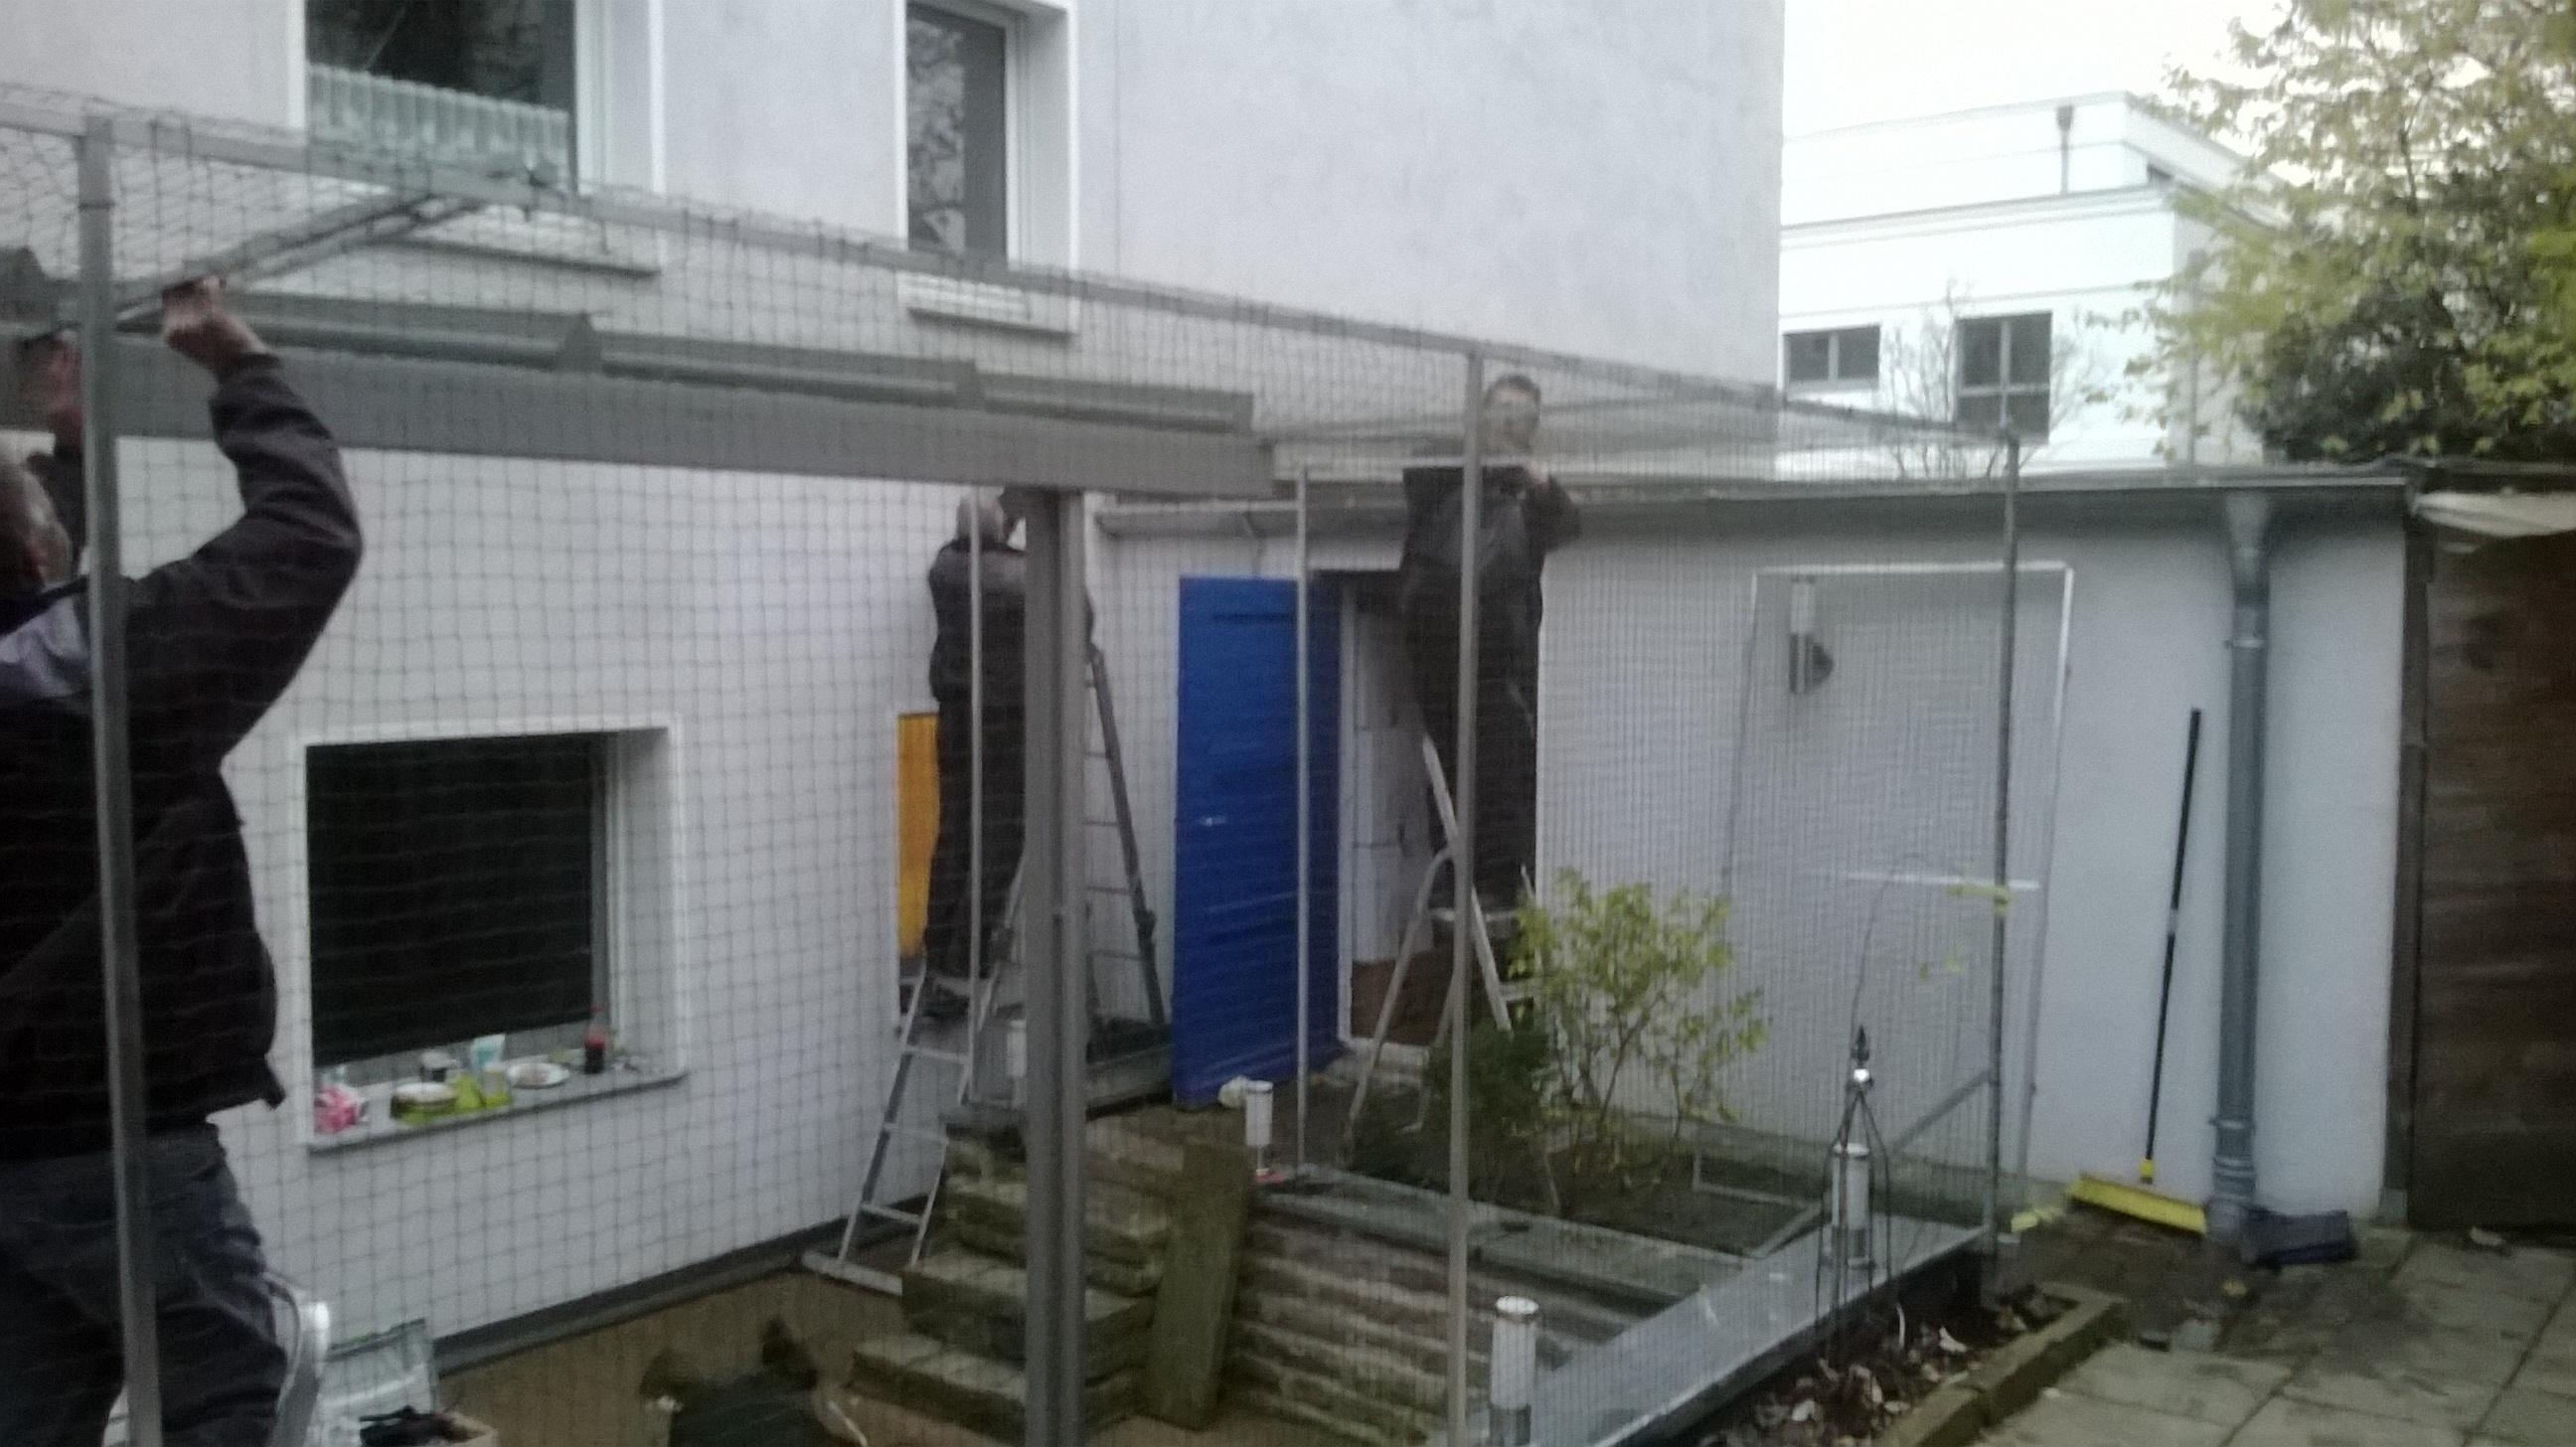 Terrasse Im Ruhrgebiet Katzensicher Gemacht Vom Fachmann Fur